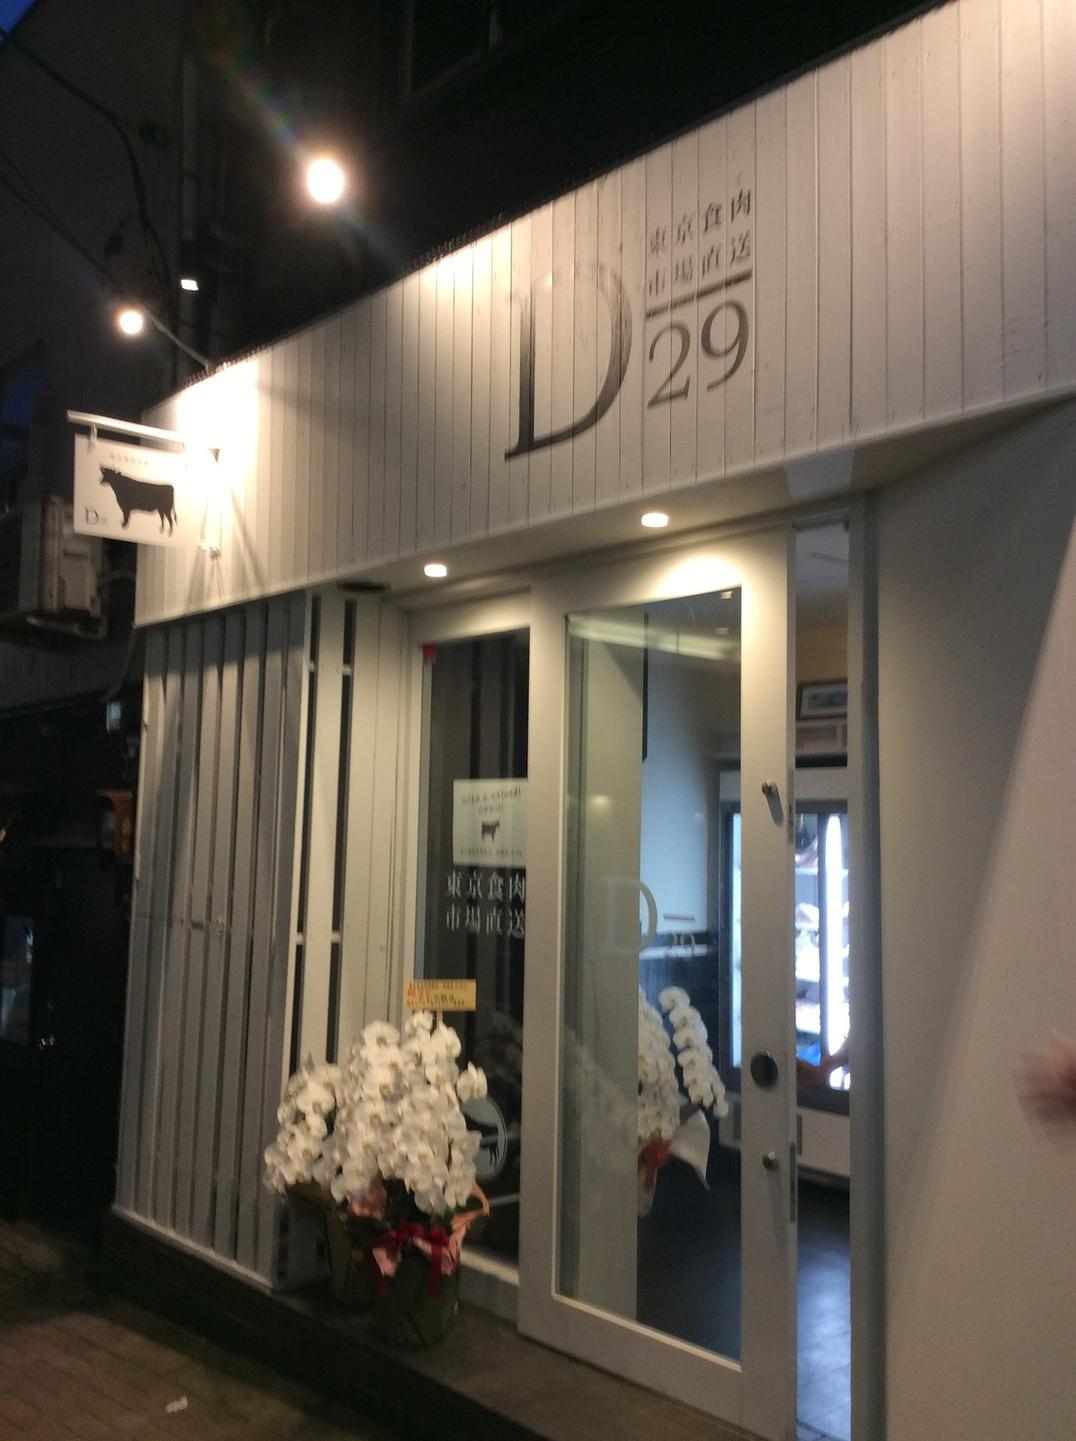 �����H���s�꒼�� ���ĉ� D-29